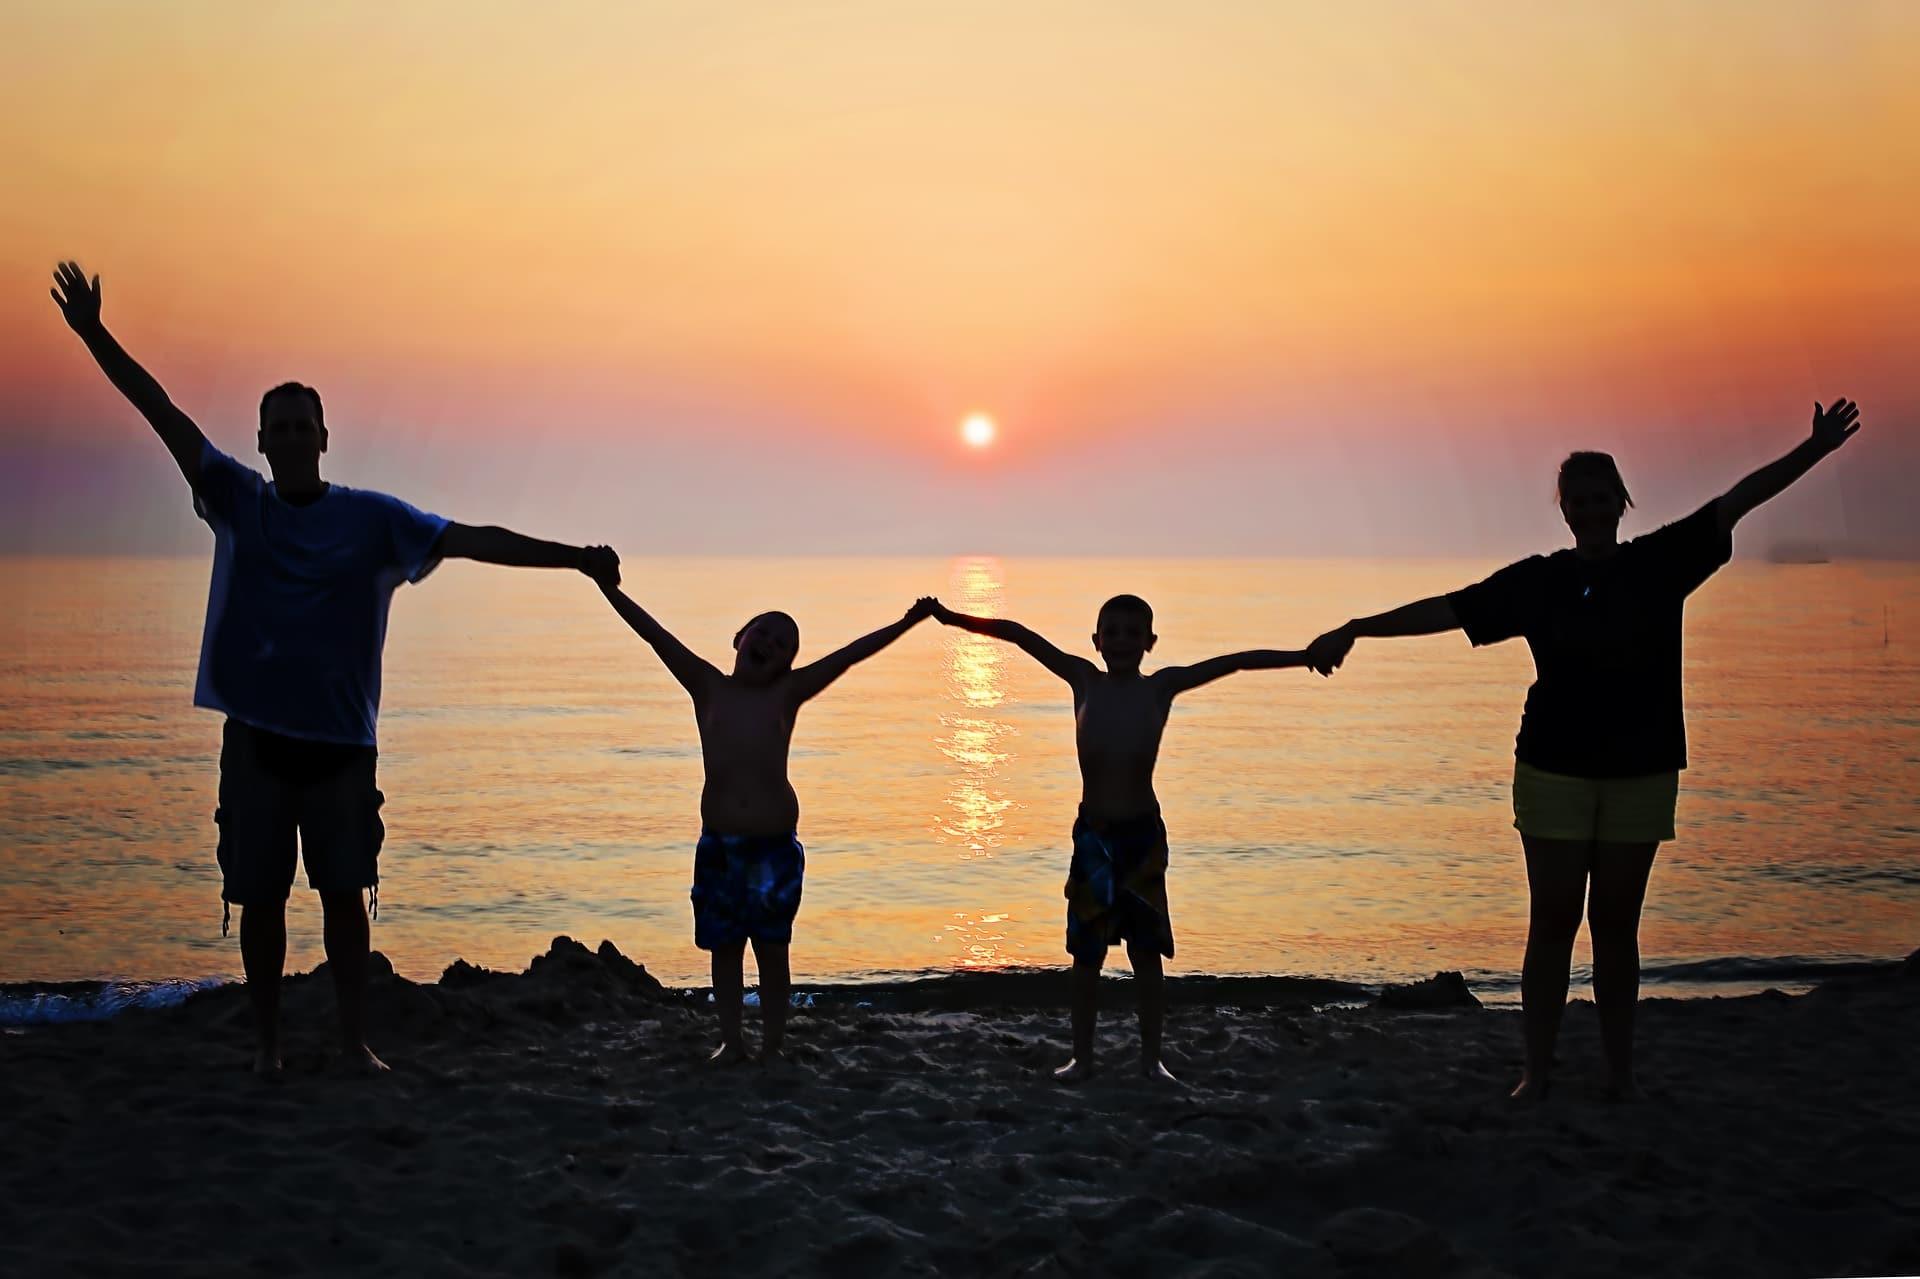 Perhe pitää toisiaan kädestä rannalla auringon laskiessa